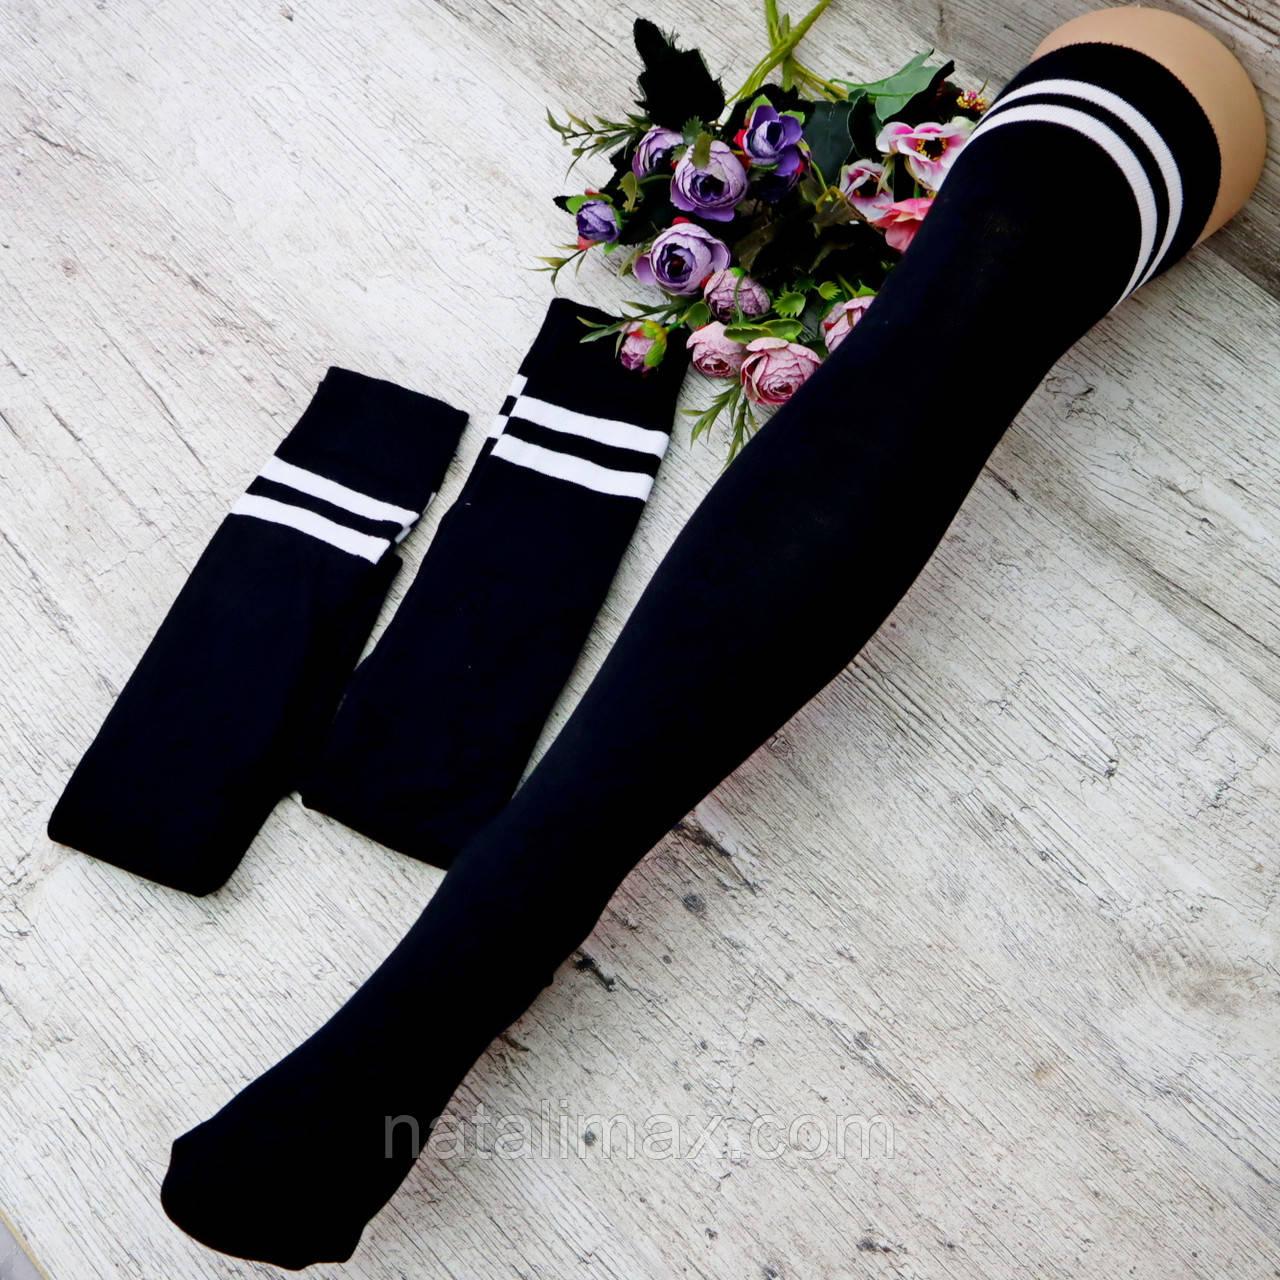 """Высокие гольфы """"MONTEBELLO""""(ботфорты, гольфины) женские, 36-40 р-р .  Женские гольфы - чулки, носки для женщин"""